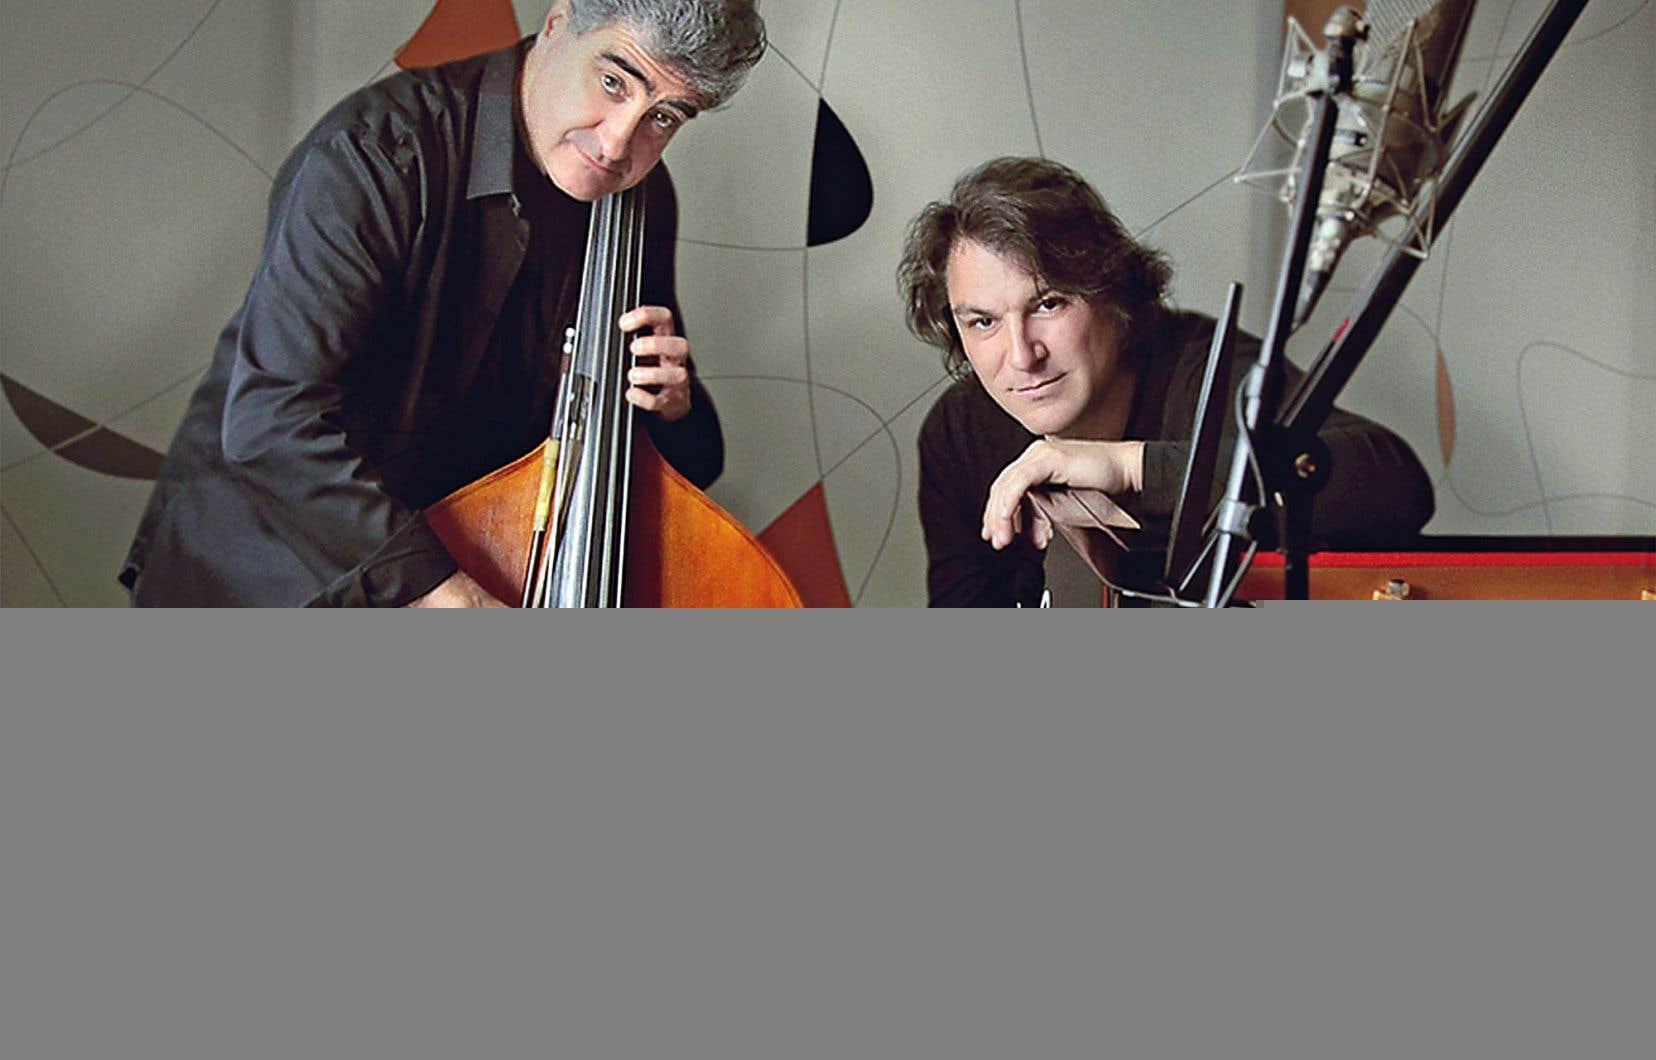 Renaud Garcia-Fons, le contrebassiste français des voyages imaginaires, et Dorantes, le pianiste gitan d'Andalousie qui marie sa musique au jazz et à la musique classique